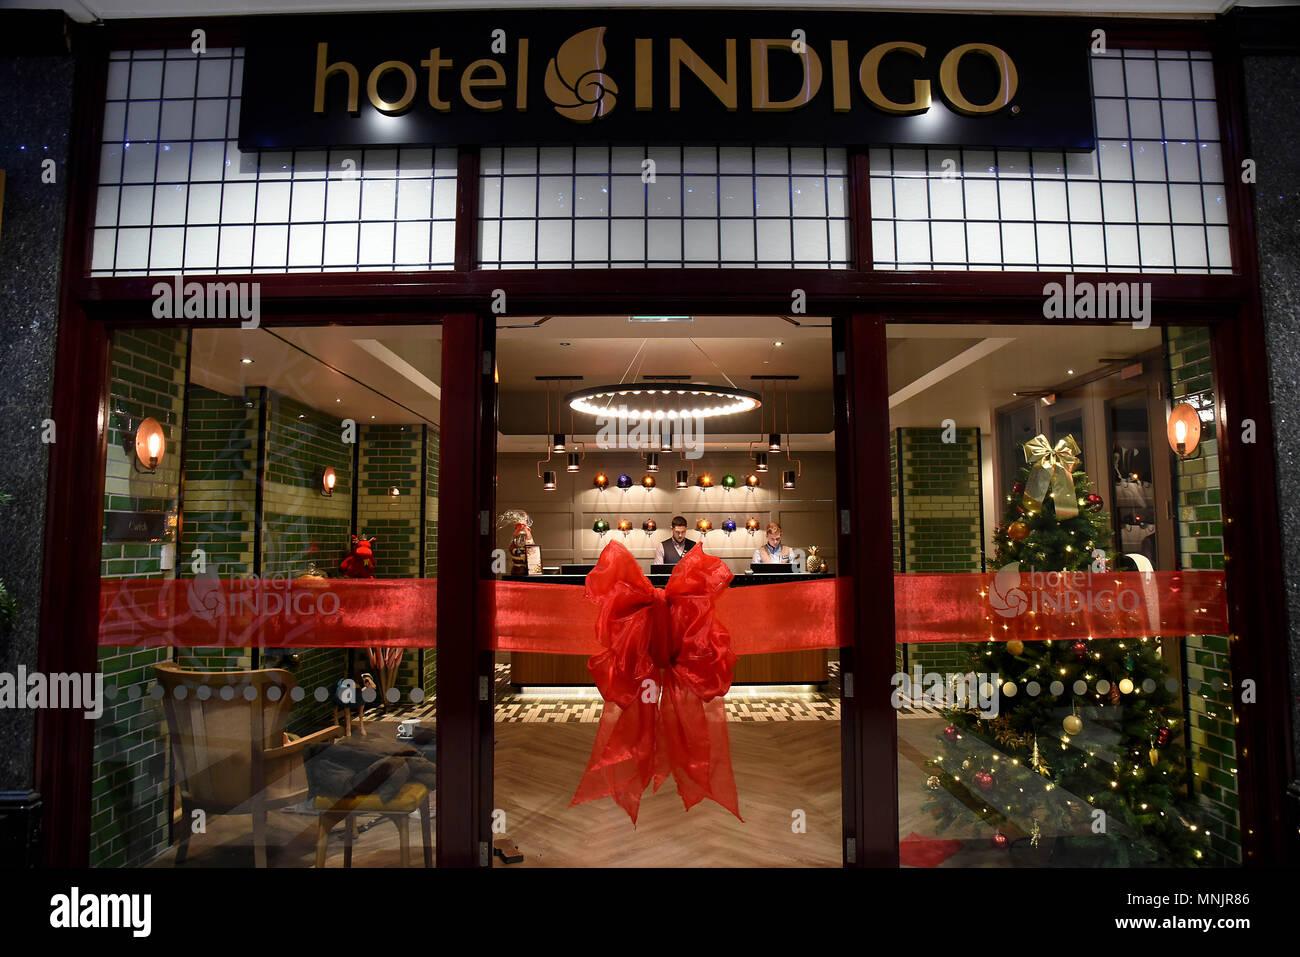 Design Di Interni Ed Esterni : Hotel indigo cardiff domini arcade cardiff. un albergo ihg. le